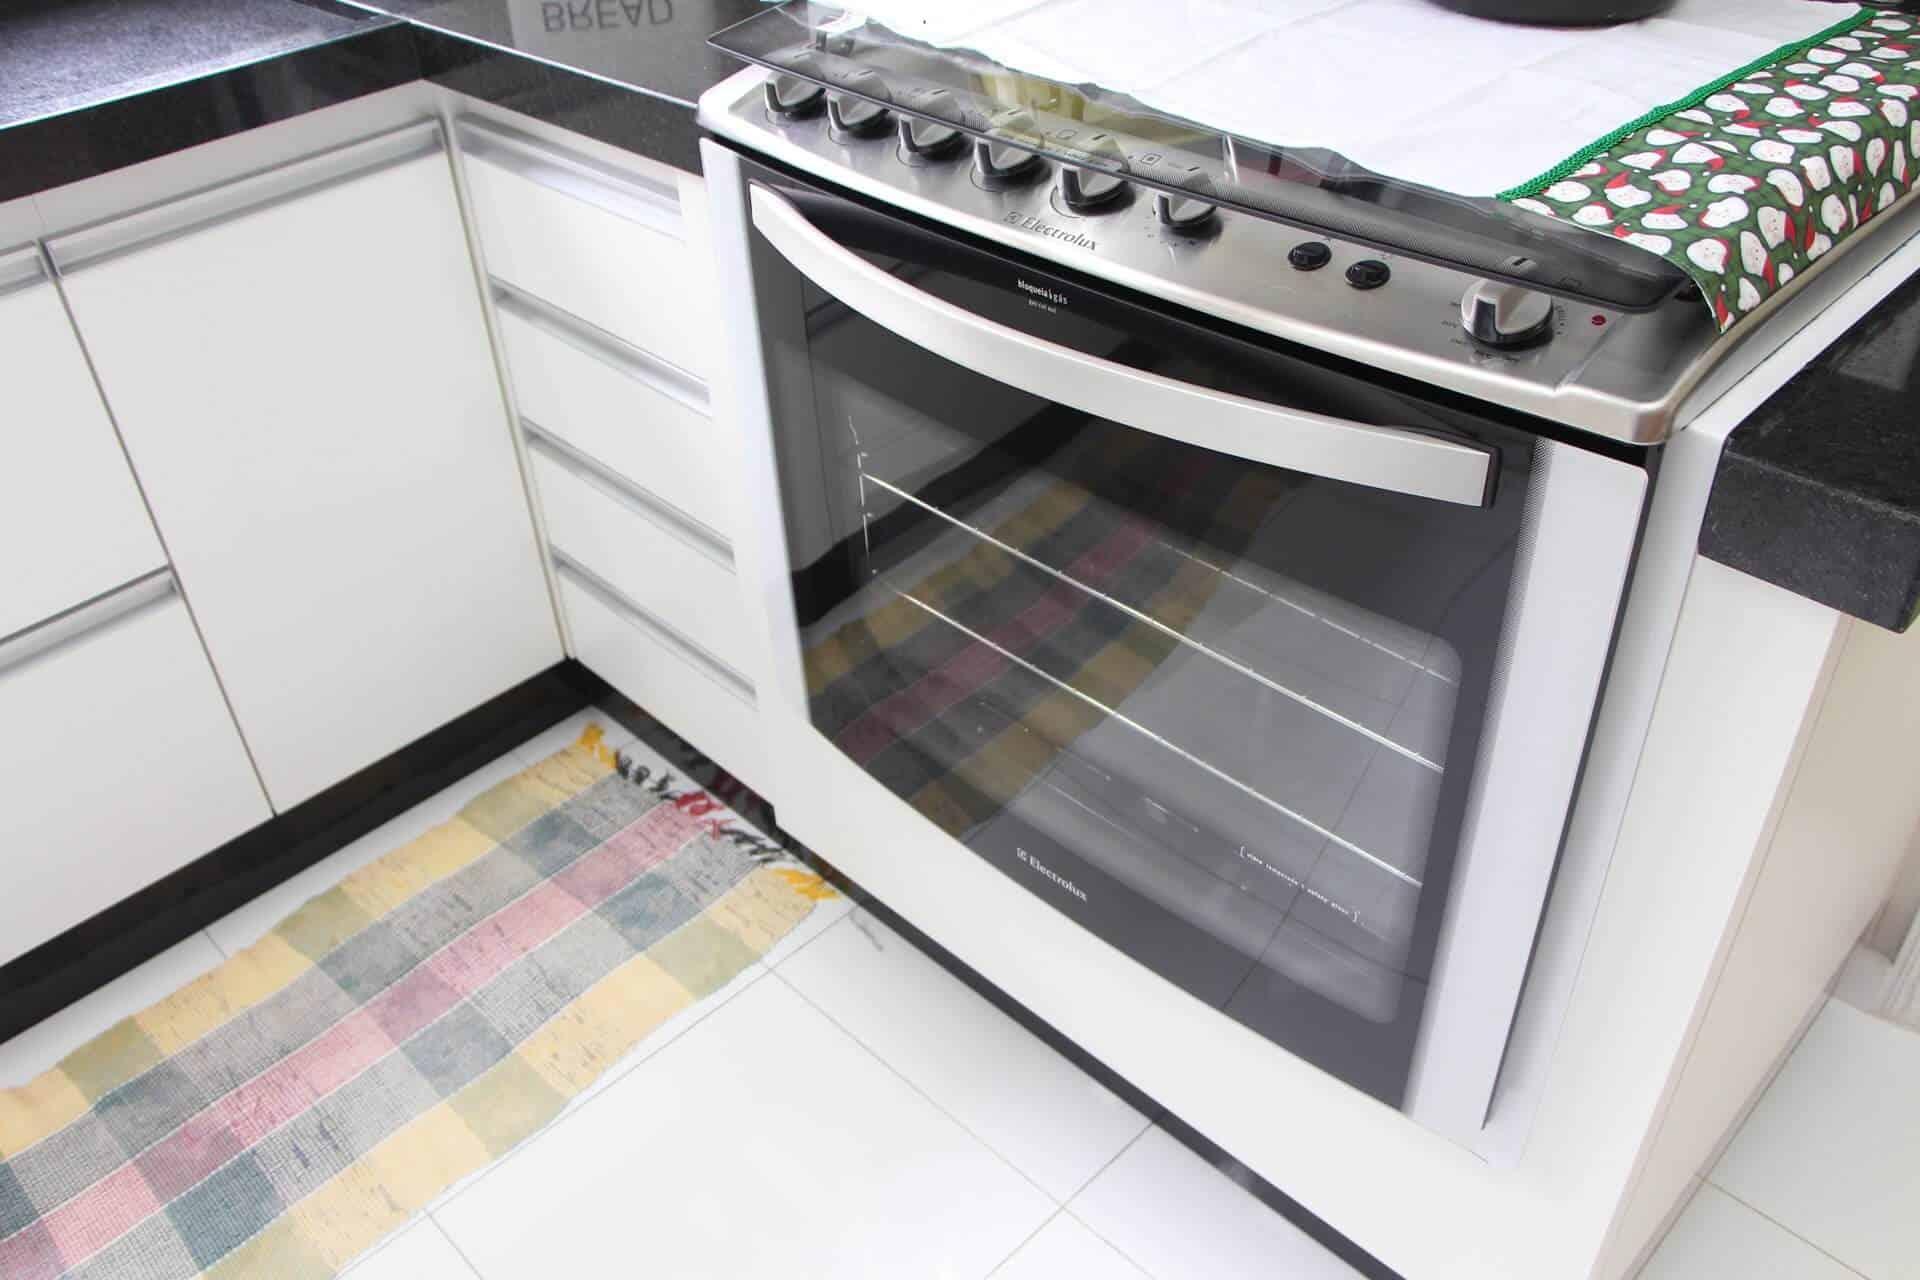 moveis-sob-medida_cozinhas-planejadas-galeria-85